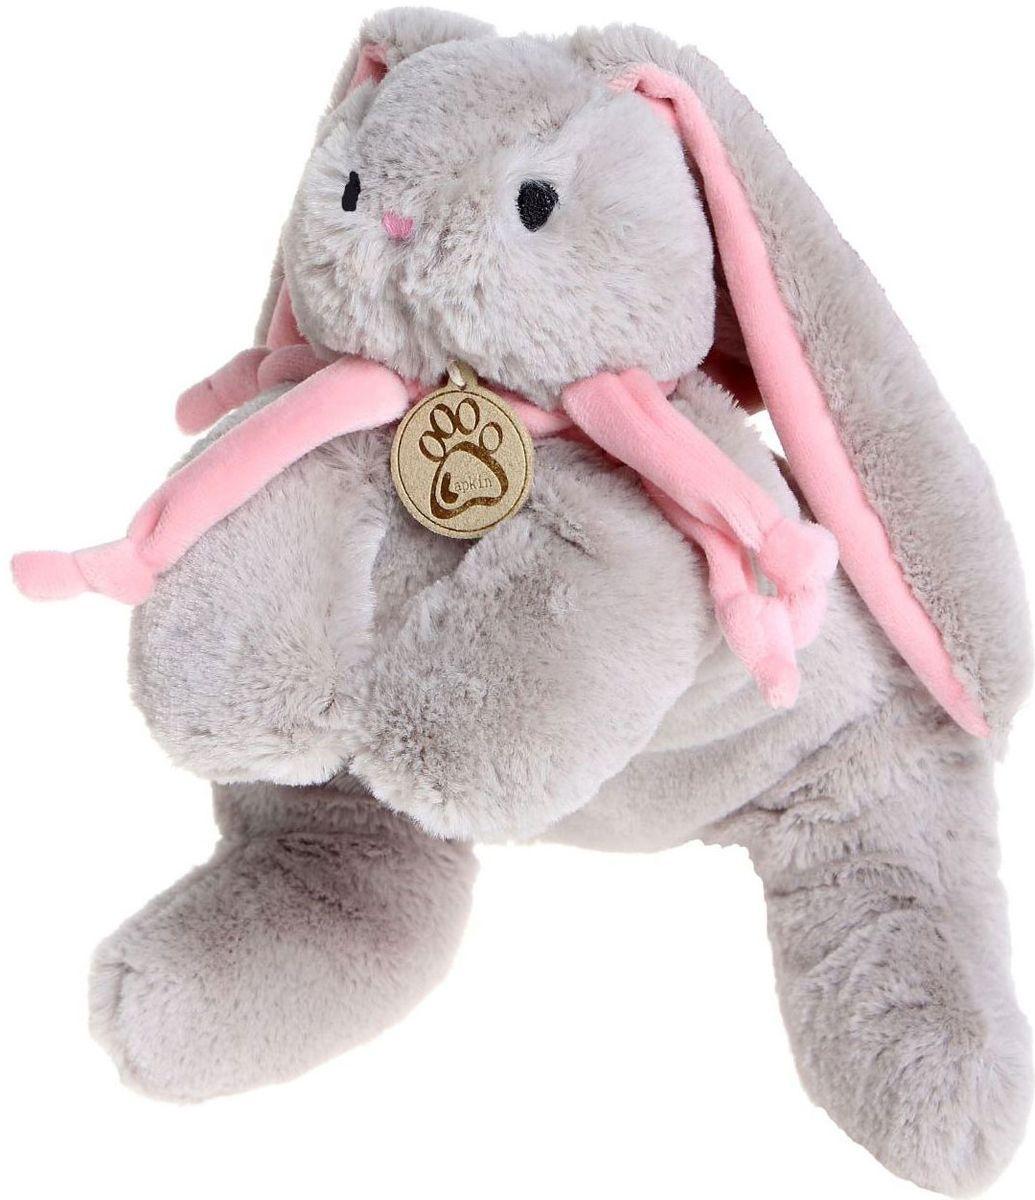 Sima-land Мягкая игрушка Кролик цвет серый 30 см брелок орден sima land защитник отечества